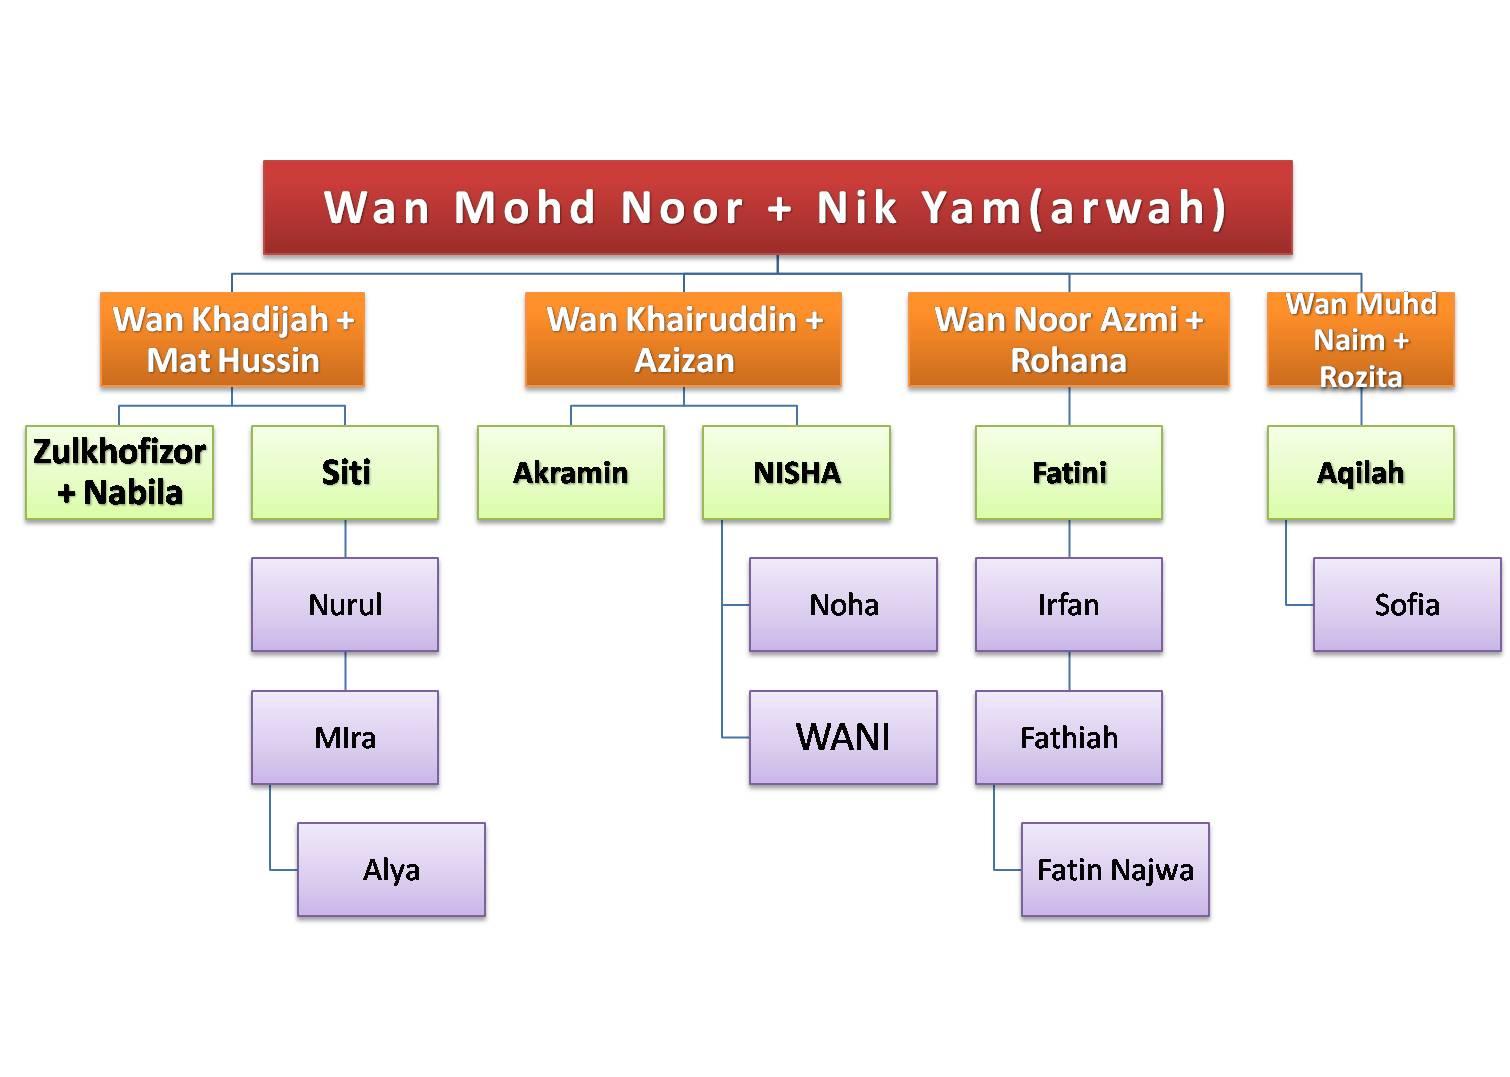 Koleksi Soalan Percubaan Upsr 2012 Negeri Perak skema jawapan spm mapa